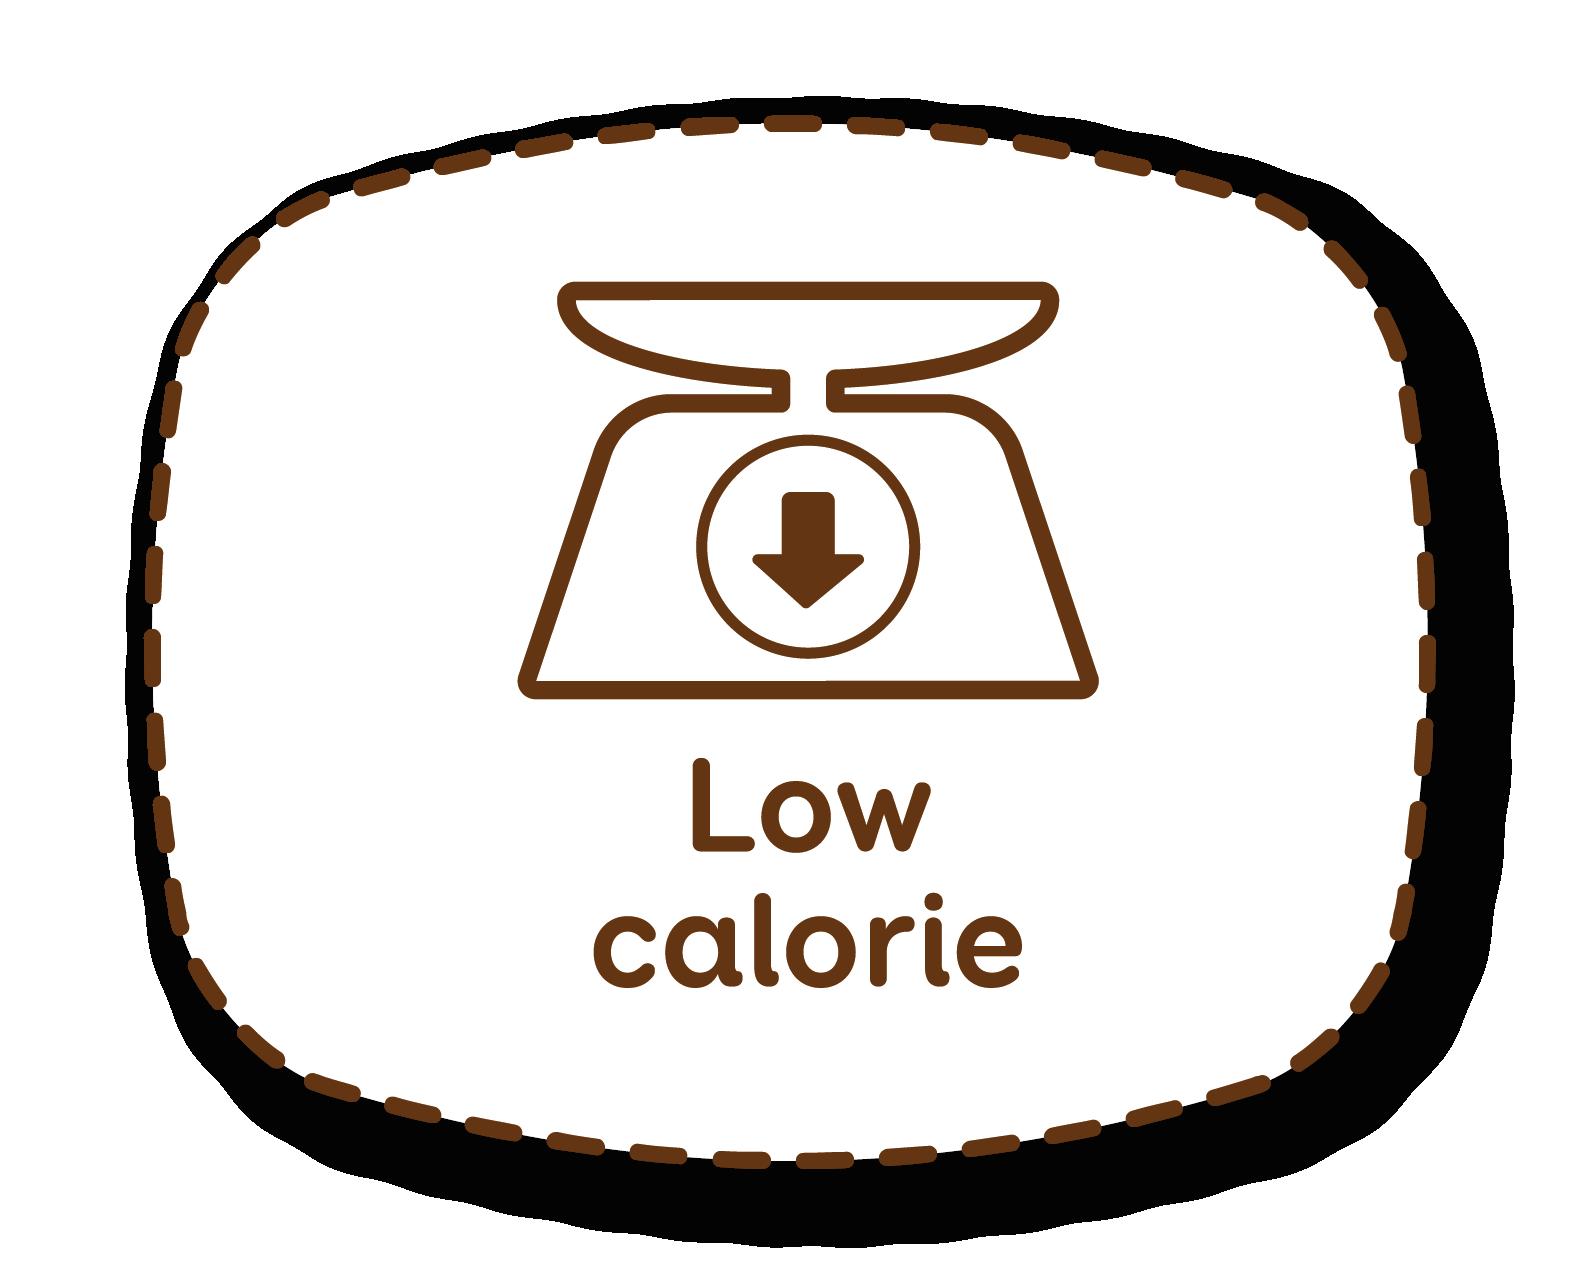 Baixo em calorias: alimento completo para cães esterilizados ou com tendência para o excesso de peso